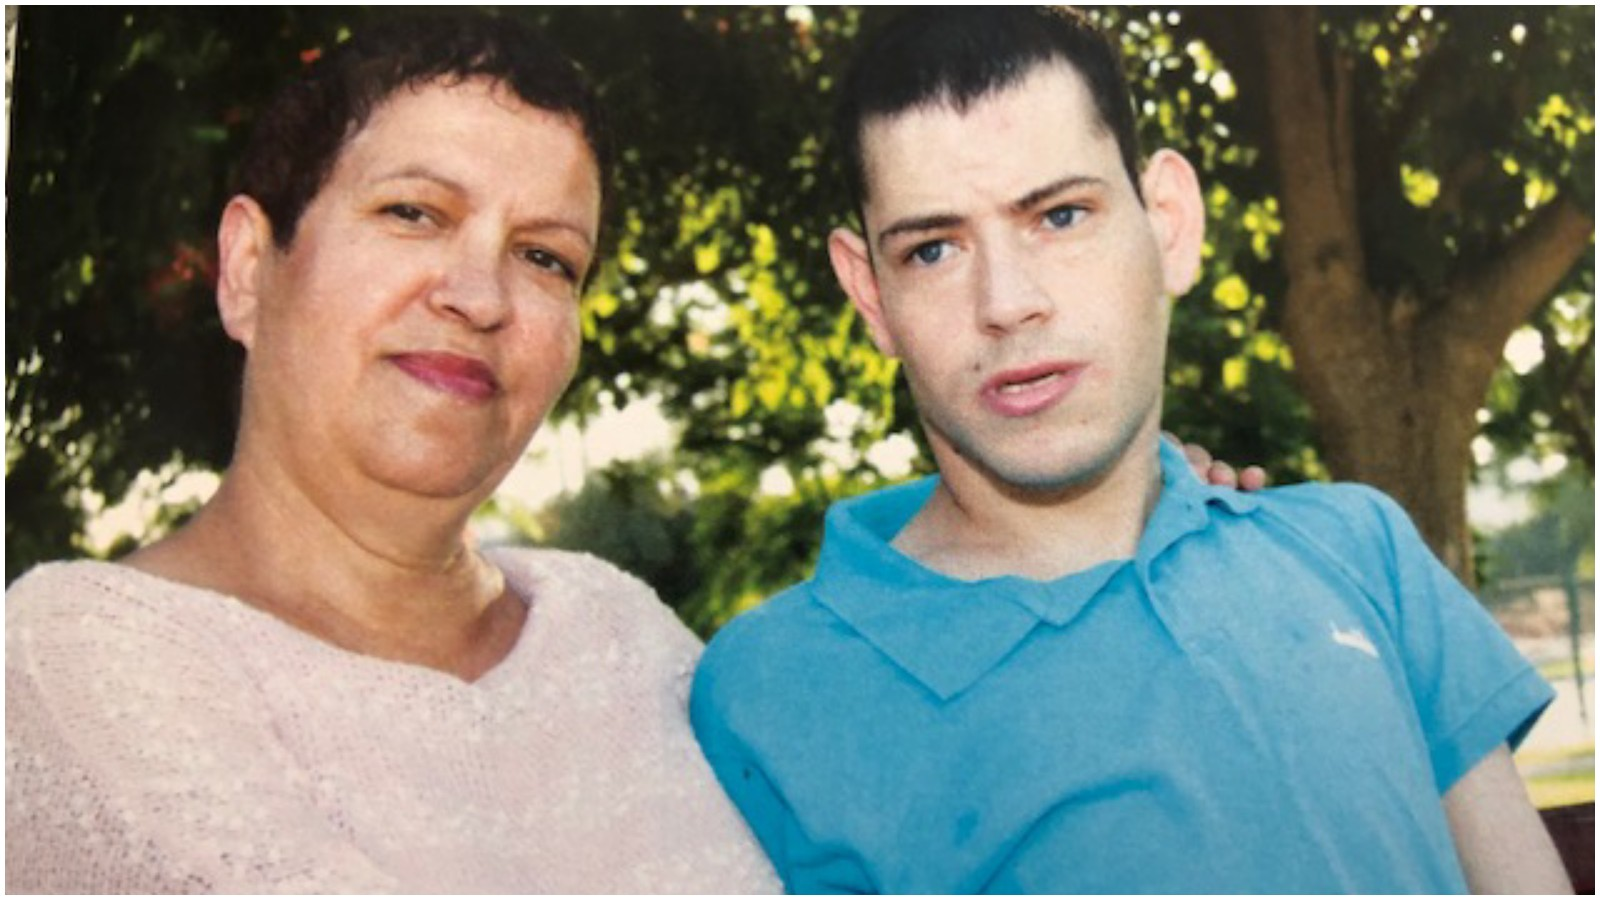 ישראלה רינגהאם-לוי והבן תומי. צילום אורלי לנדאו